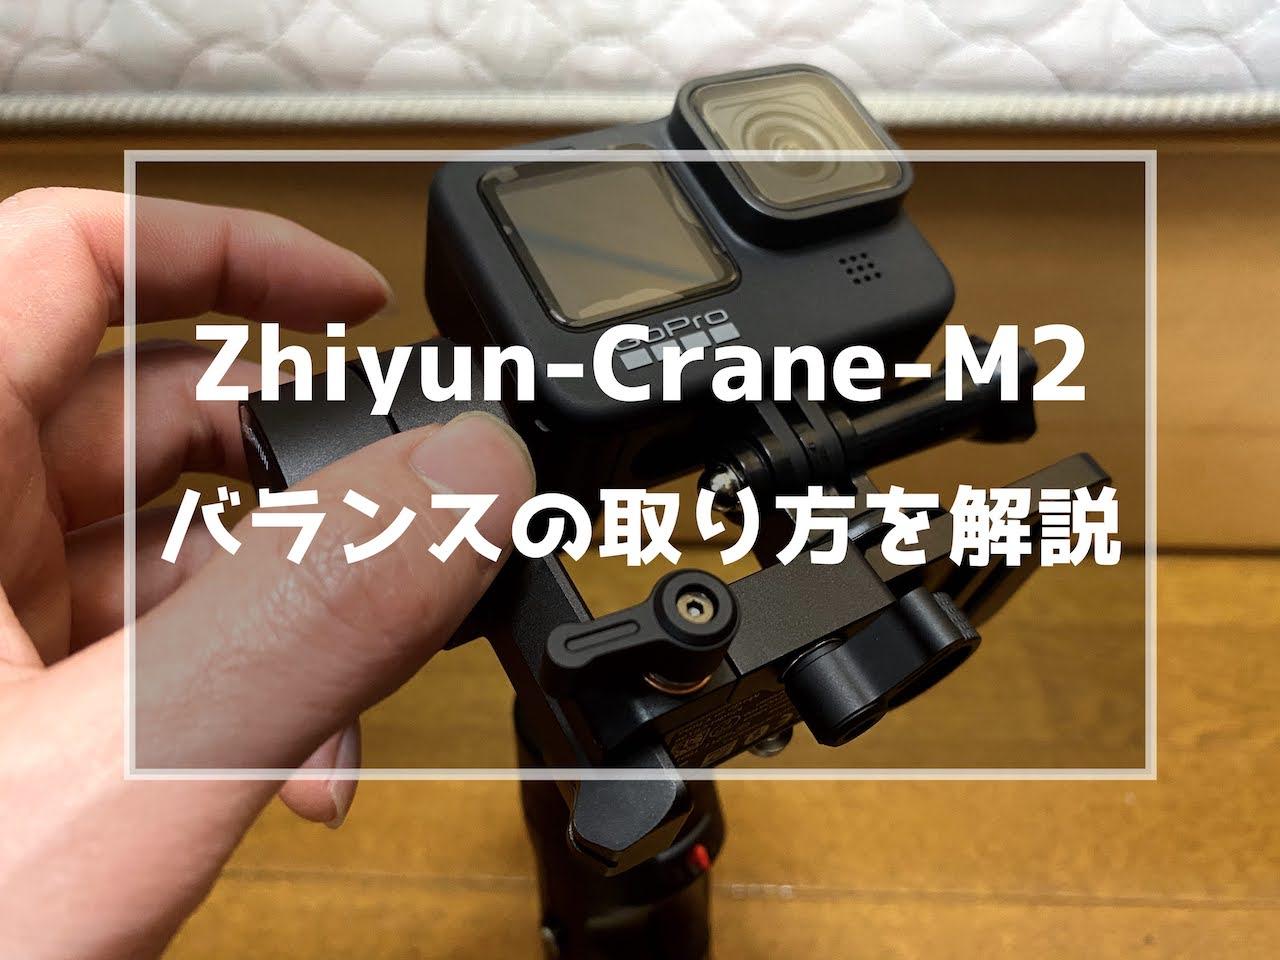 Zhiyun-Crane-M2 goproのバランス調整方法